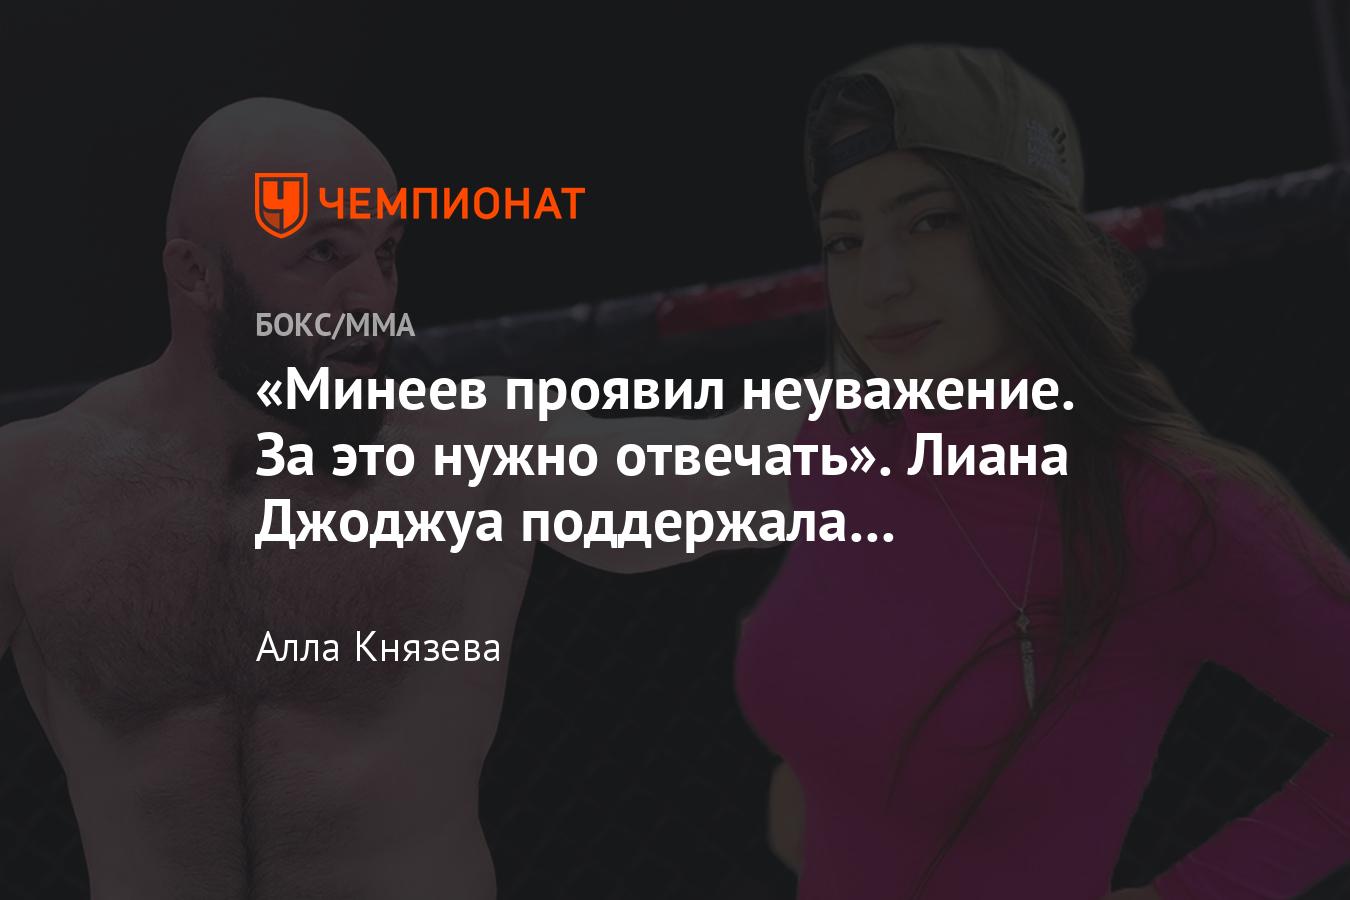 Боец UFC Лиана Джоджуа — о бое Макгрегора и Порье и о драке Исмаилова и Минеева, видео